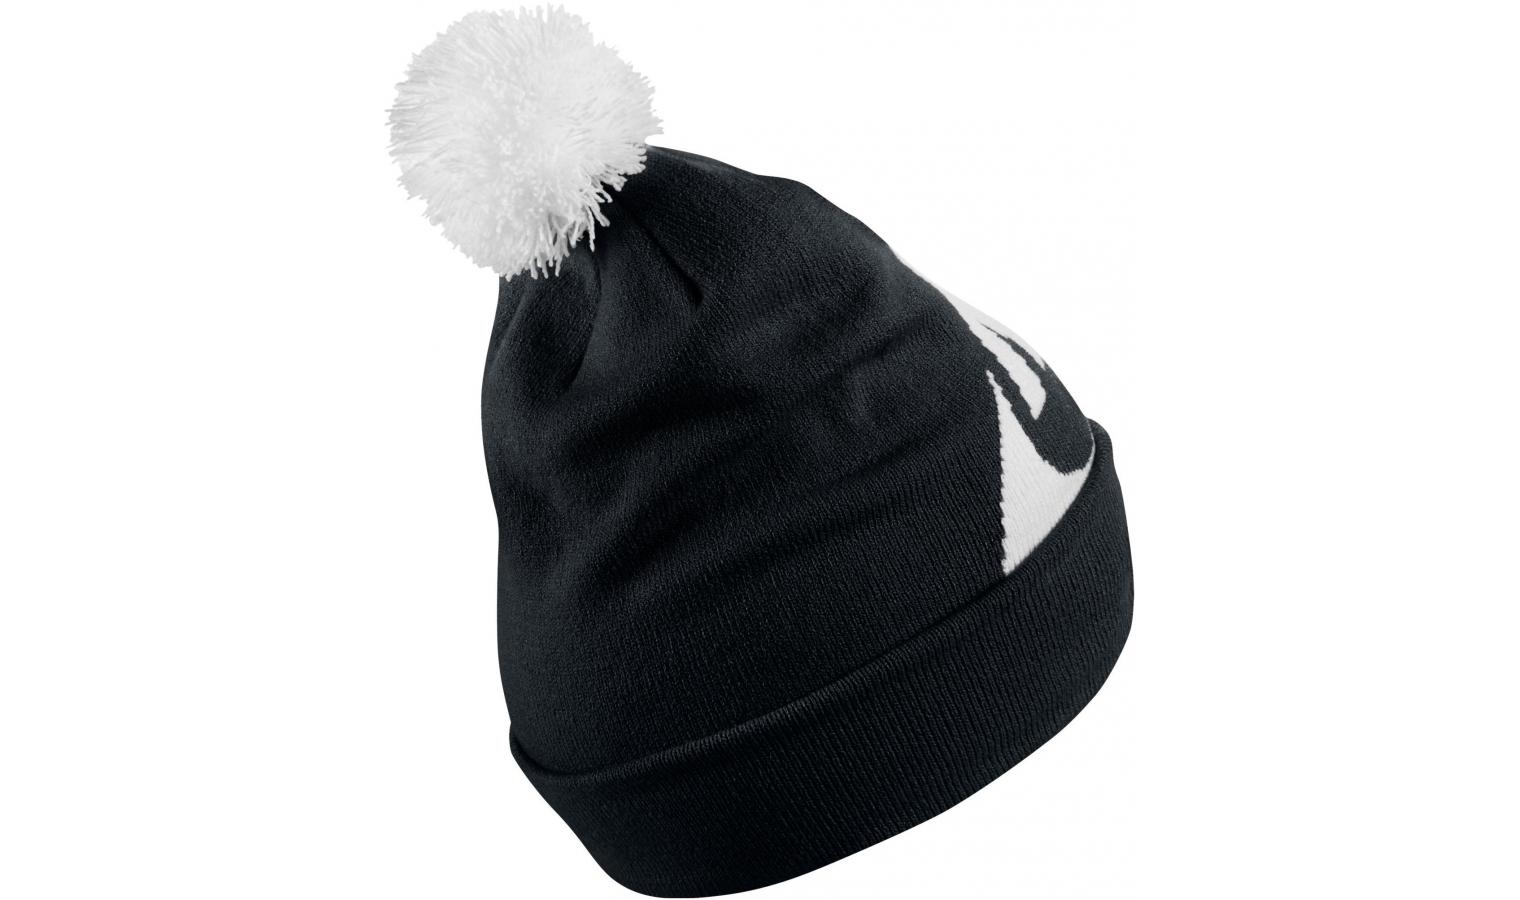 e7d543174 Dámska čiapka Nike SW BEANIE W čierna | AD Sport.sk